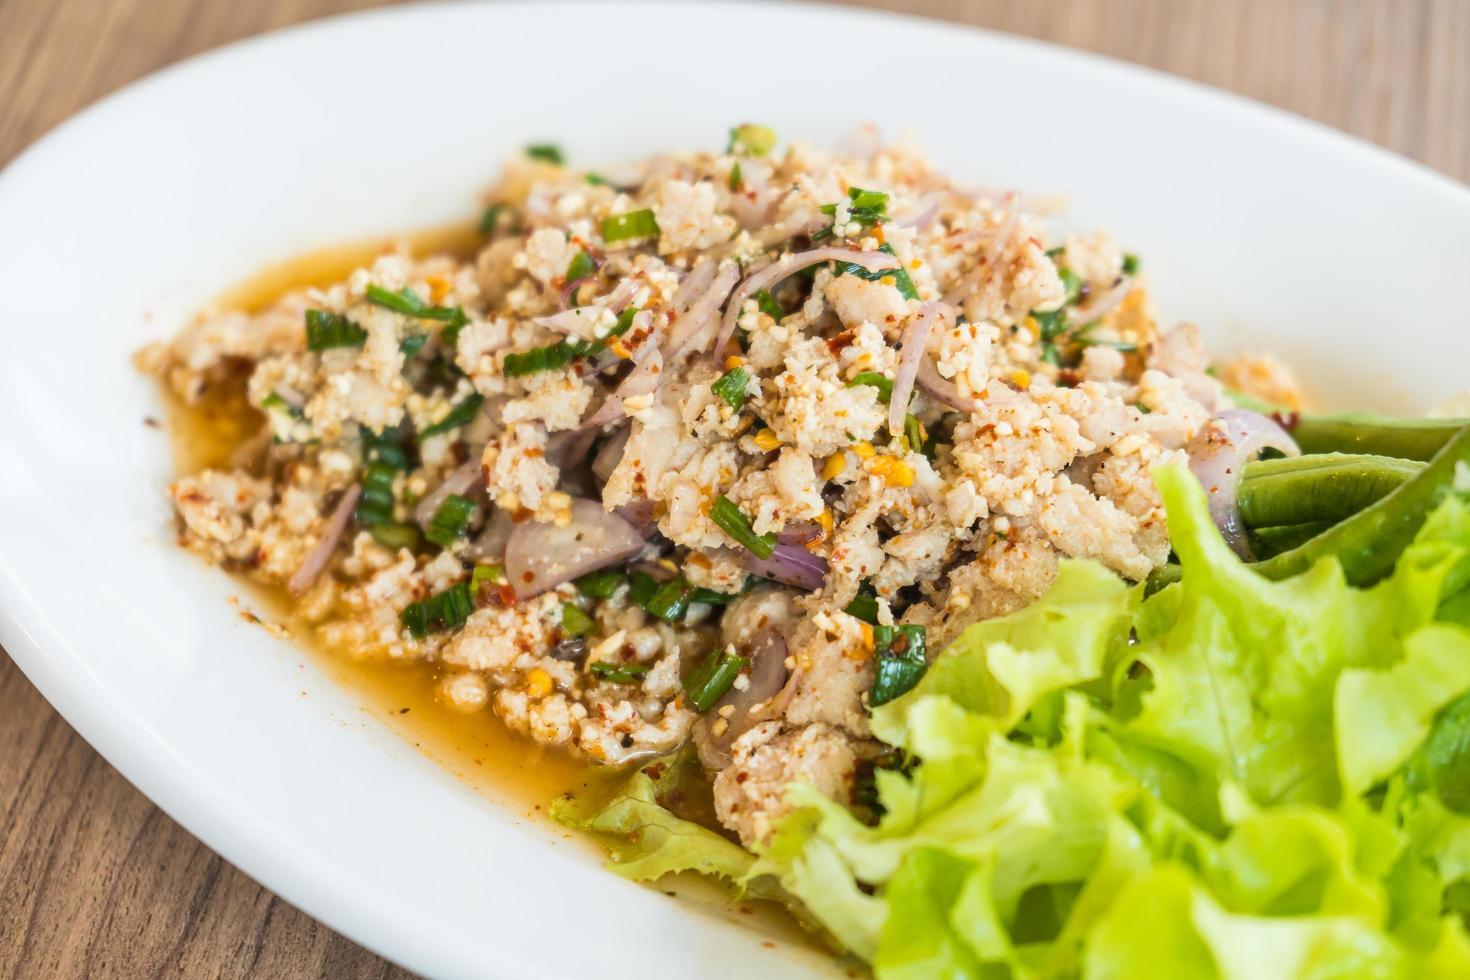 salade de poulet haché épicé photo